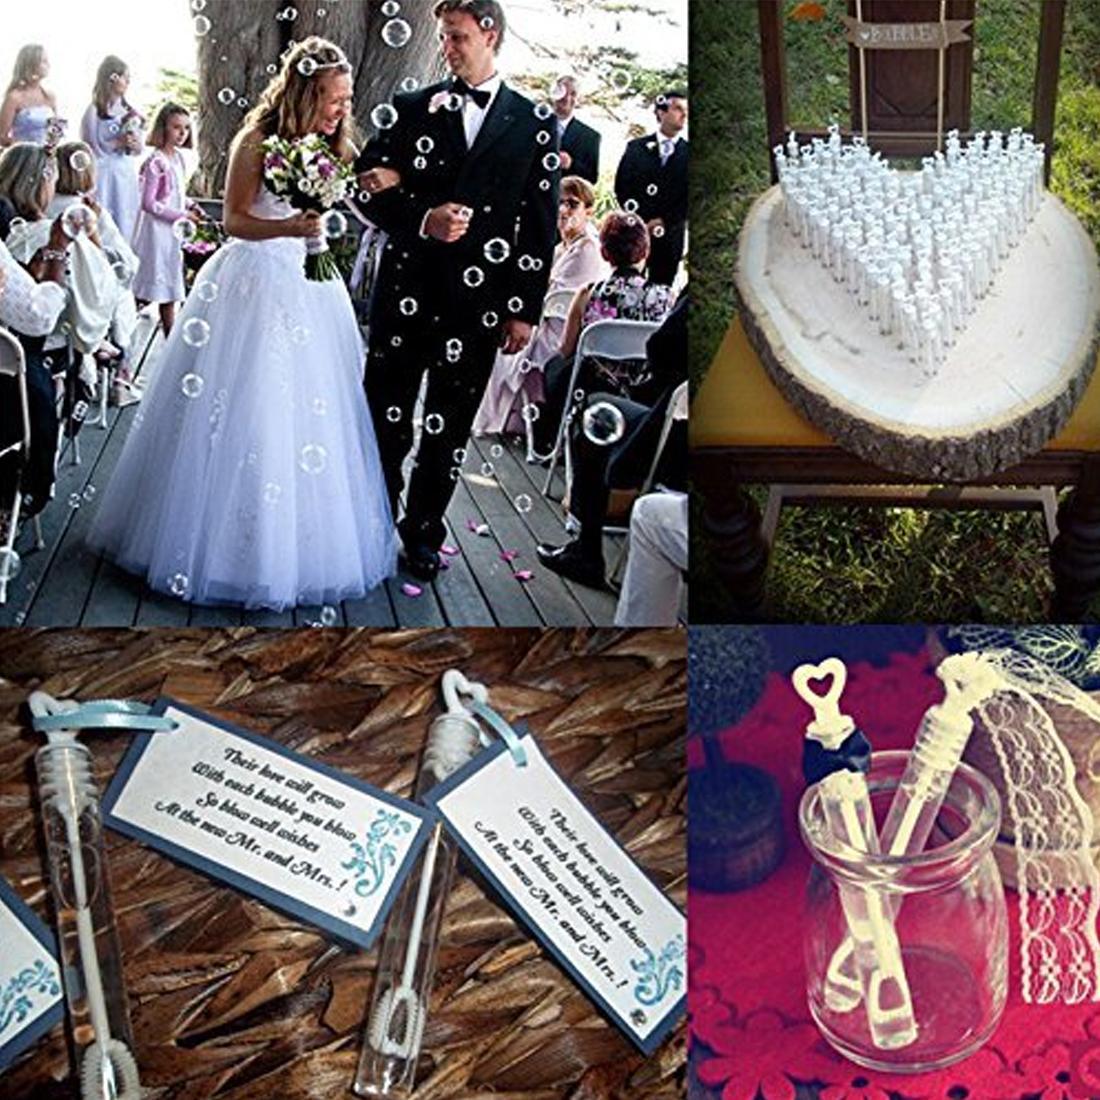 Güzel Kalp Şekli Kolu Kabarcık Şişesi Bebek Parti Iyilik Boş Kabarcık Sabun Şişeleri Düğün Doğum Günü Partisi Dekorasyon 12 Adet / grup